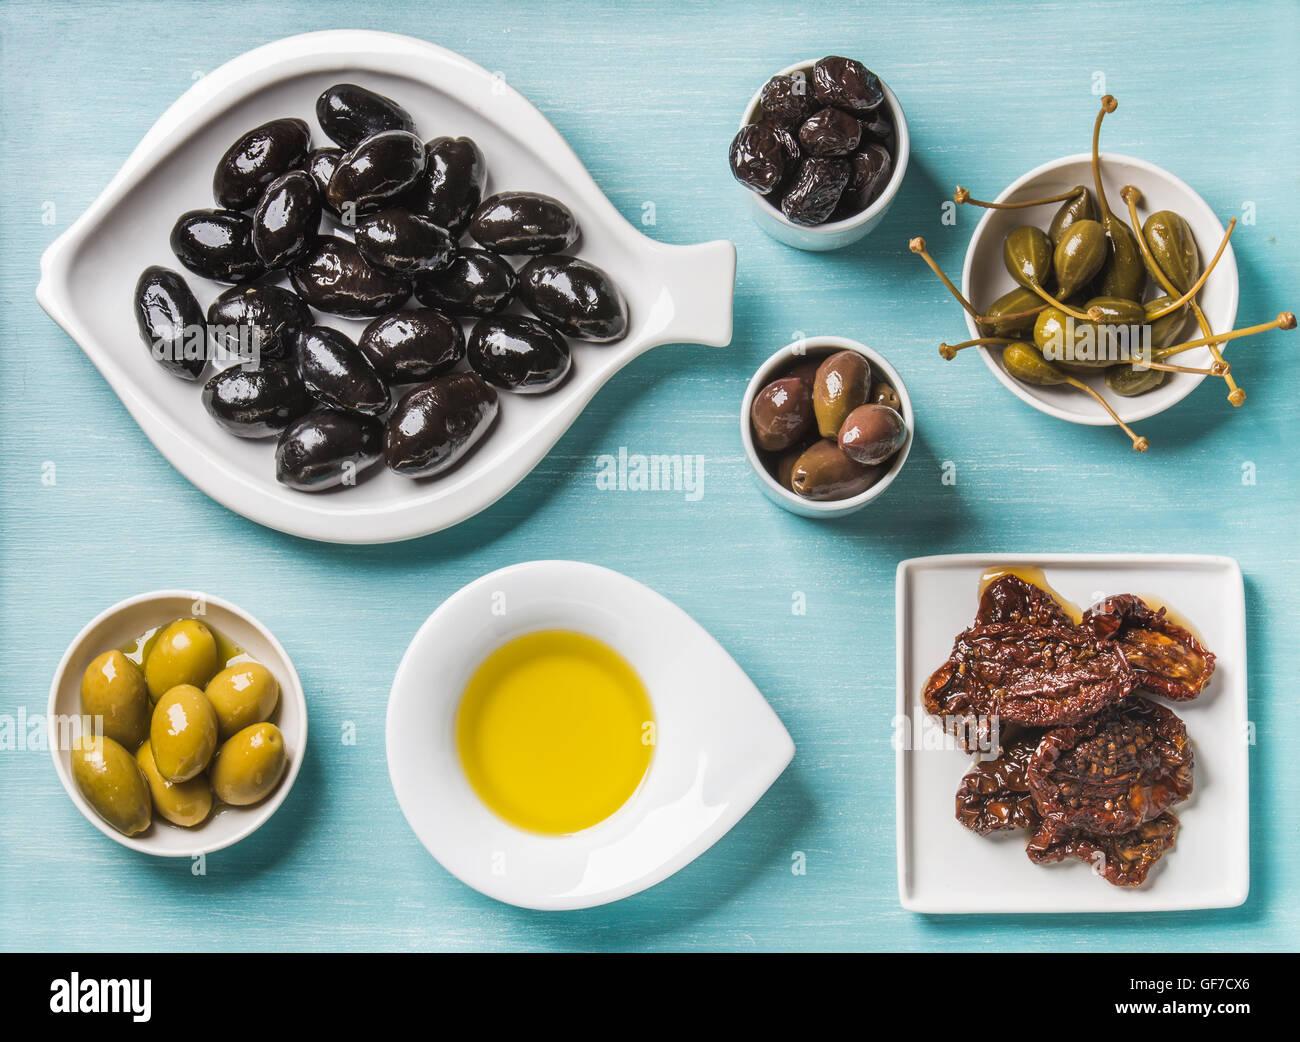 Surtido de aperitivos mediterráneos. Negro y verde griego de aceitunas, alcaparras, aceite de oliva, tomates secados Foto de stock